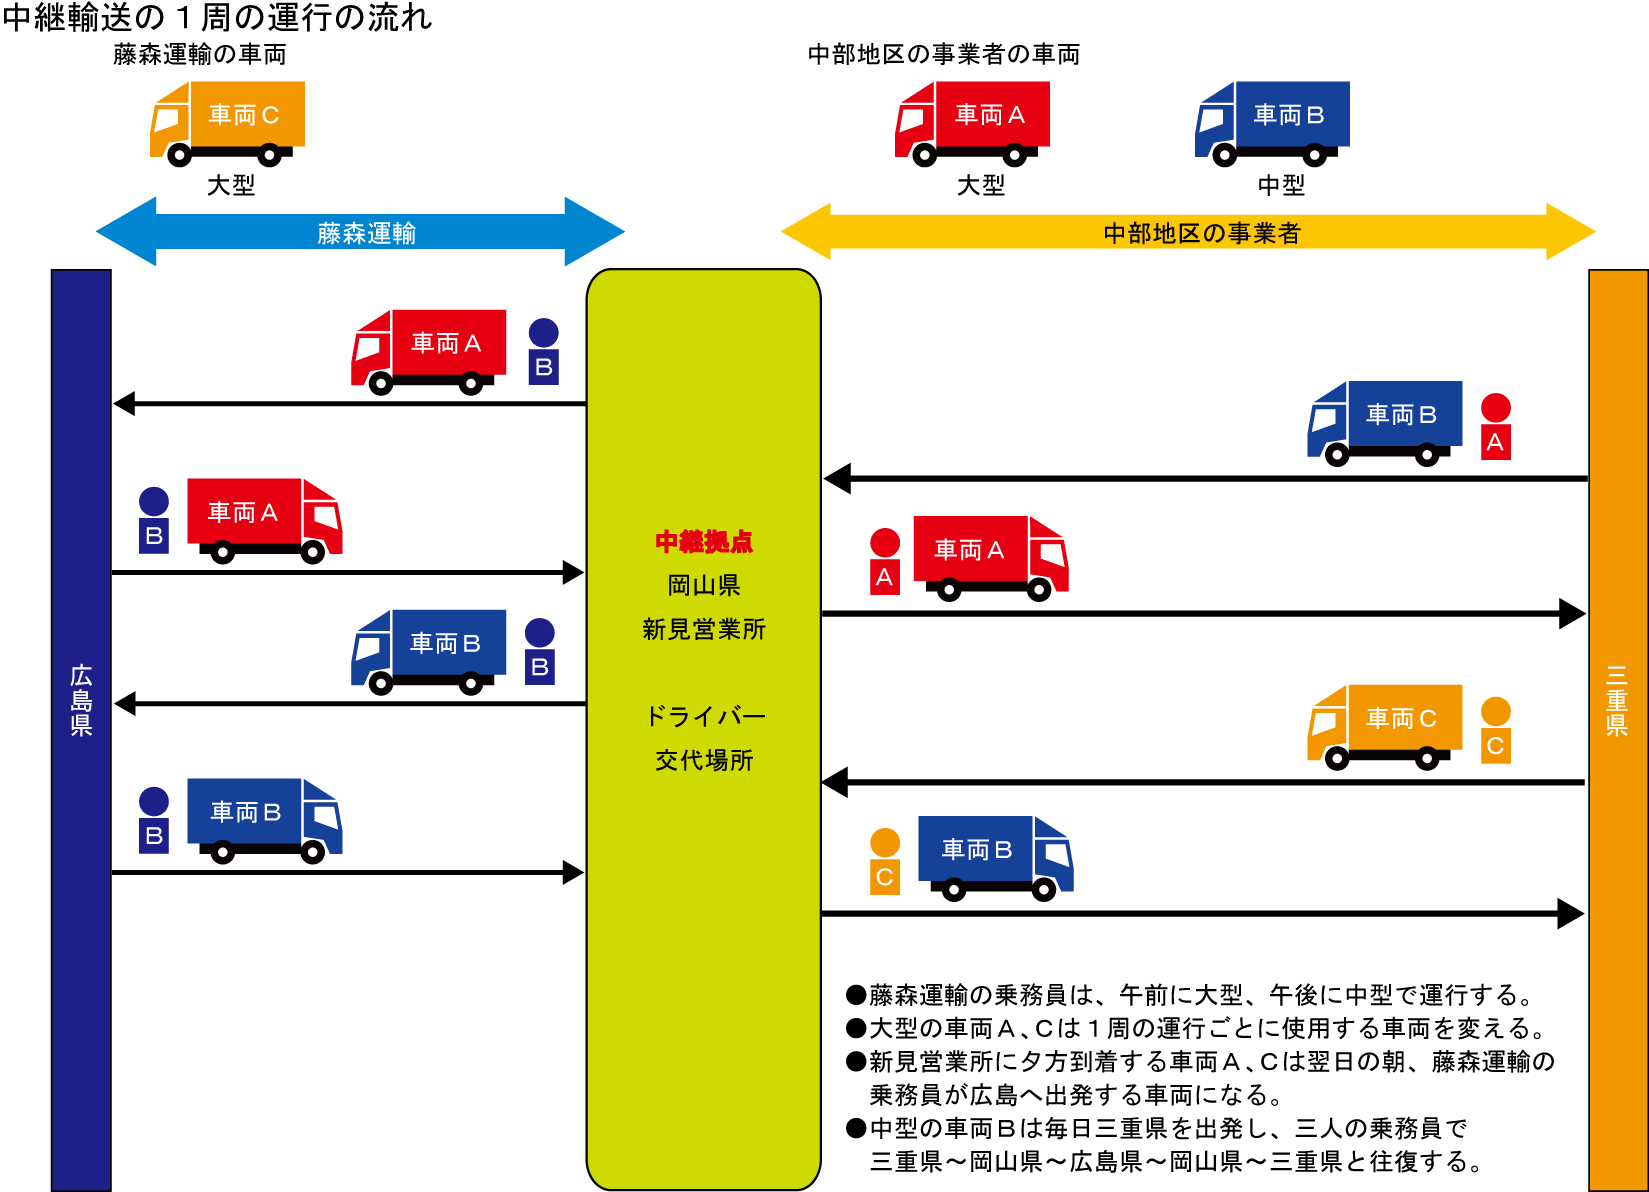 中継物流・中継輸送例